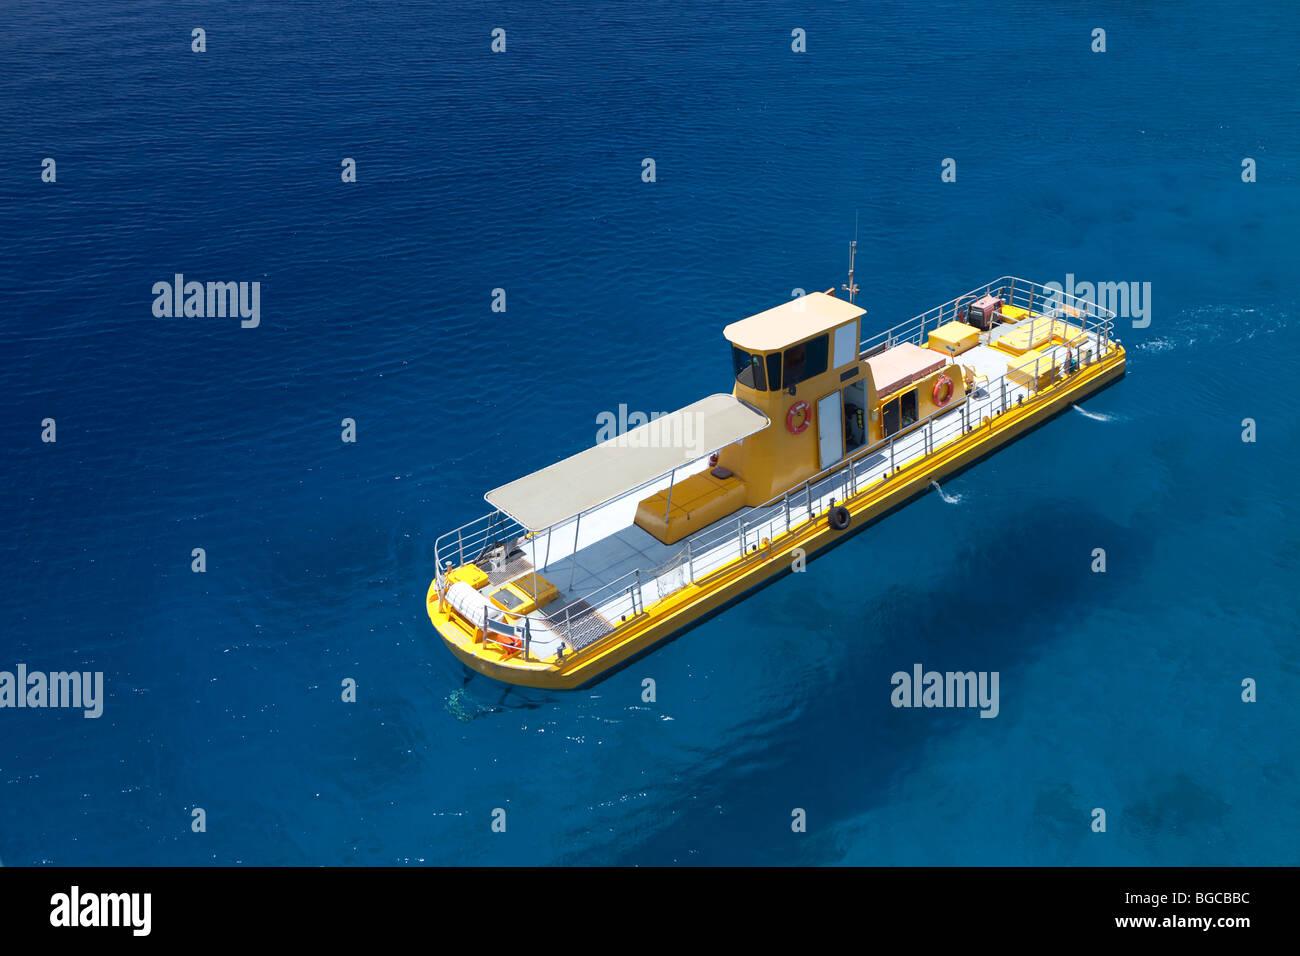 Im Süden Israels, Eilat Stadt, ein gelbes Boot im Meer Stockbild